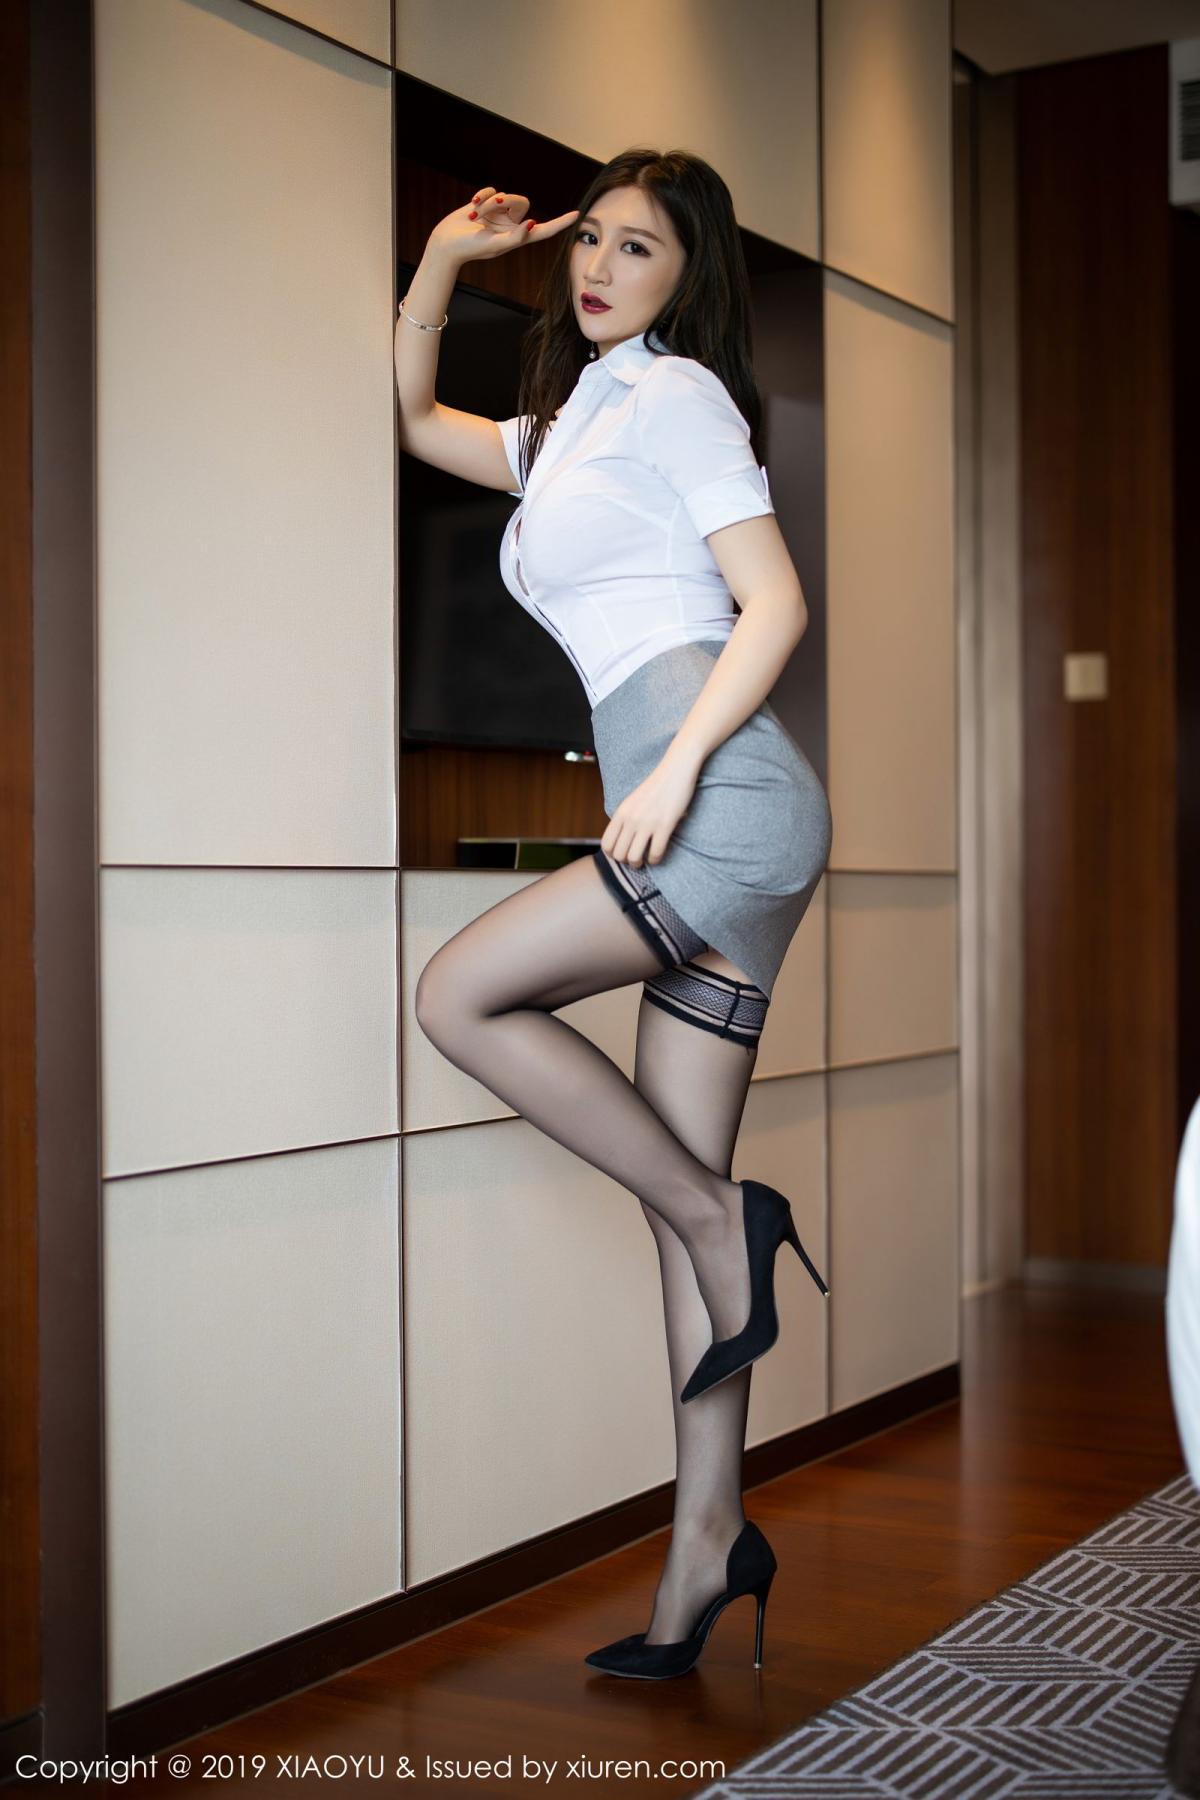 [XiaoYu] Vol.195 Xuan Zi 1P, Tall, Underwear, XiaoYu, Xuan Zi